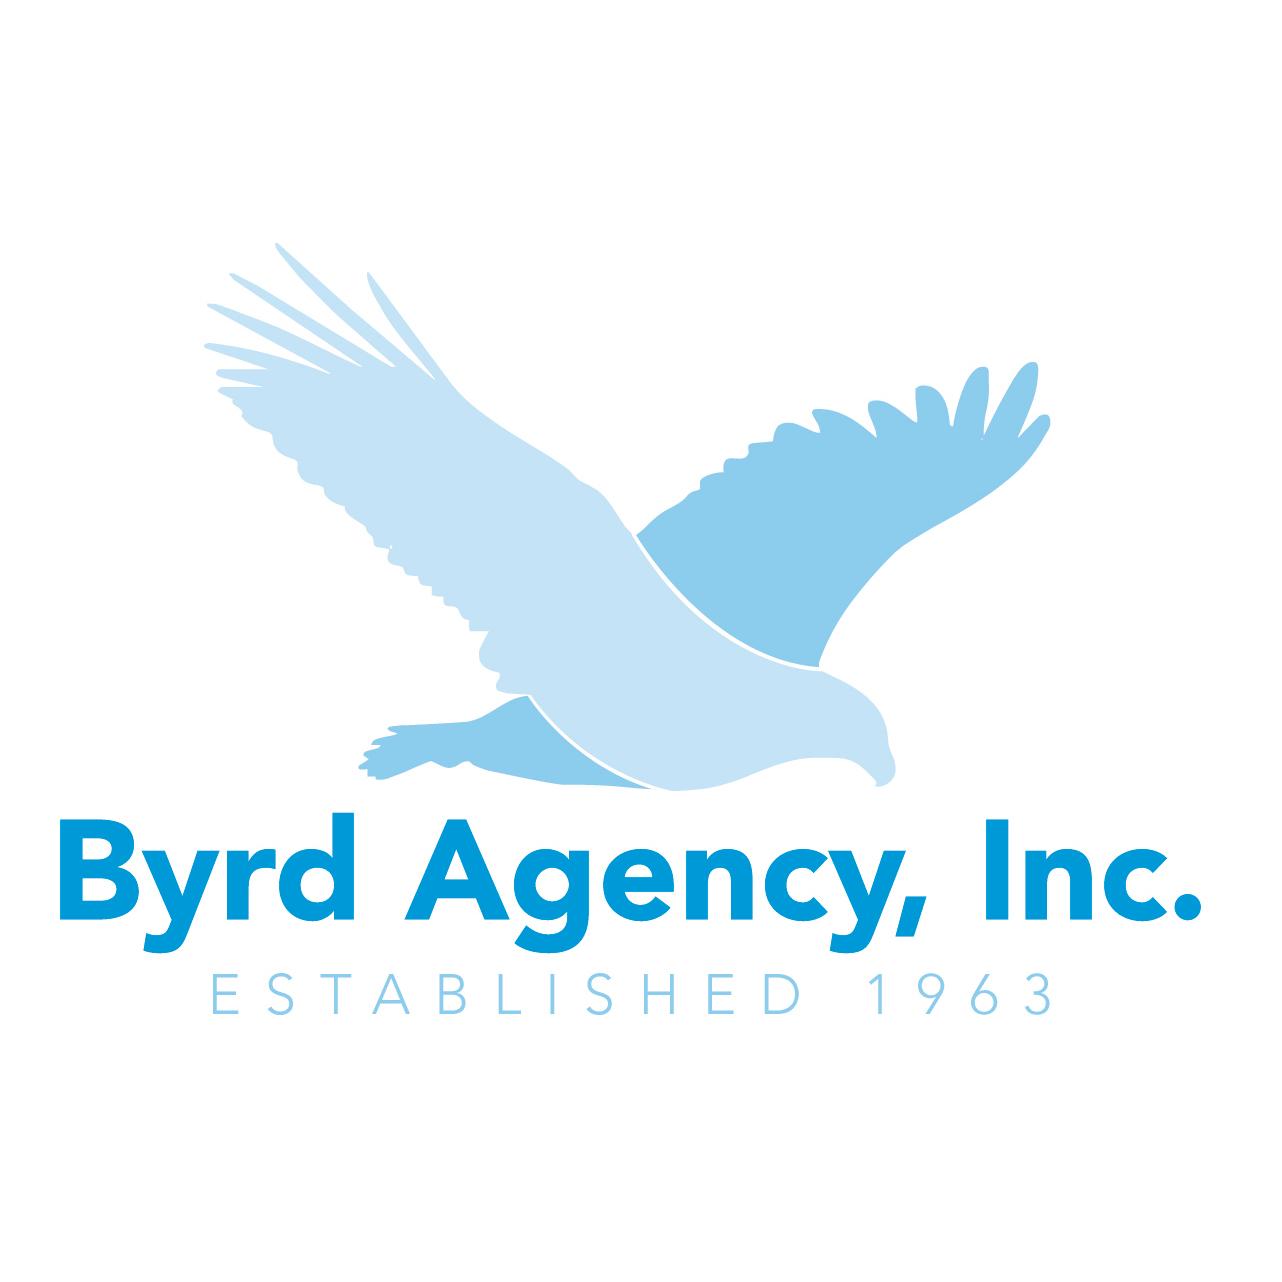 Byrd Agency Inc - Nationwide Insurance